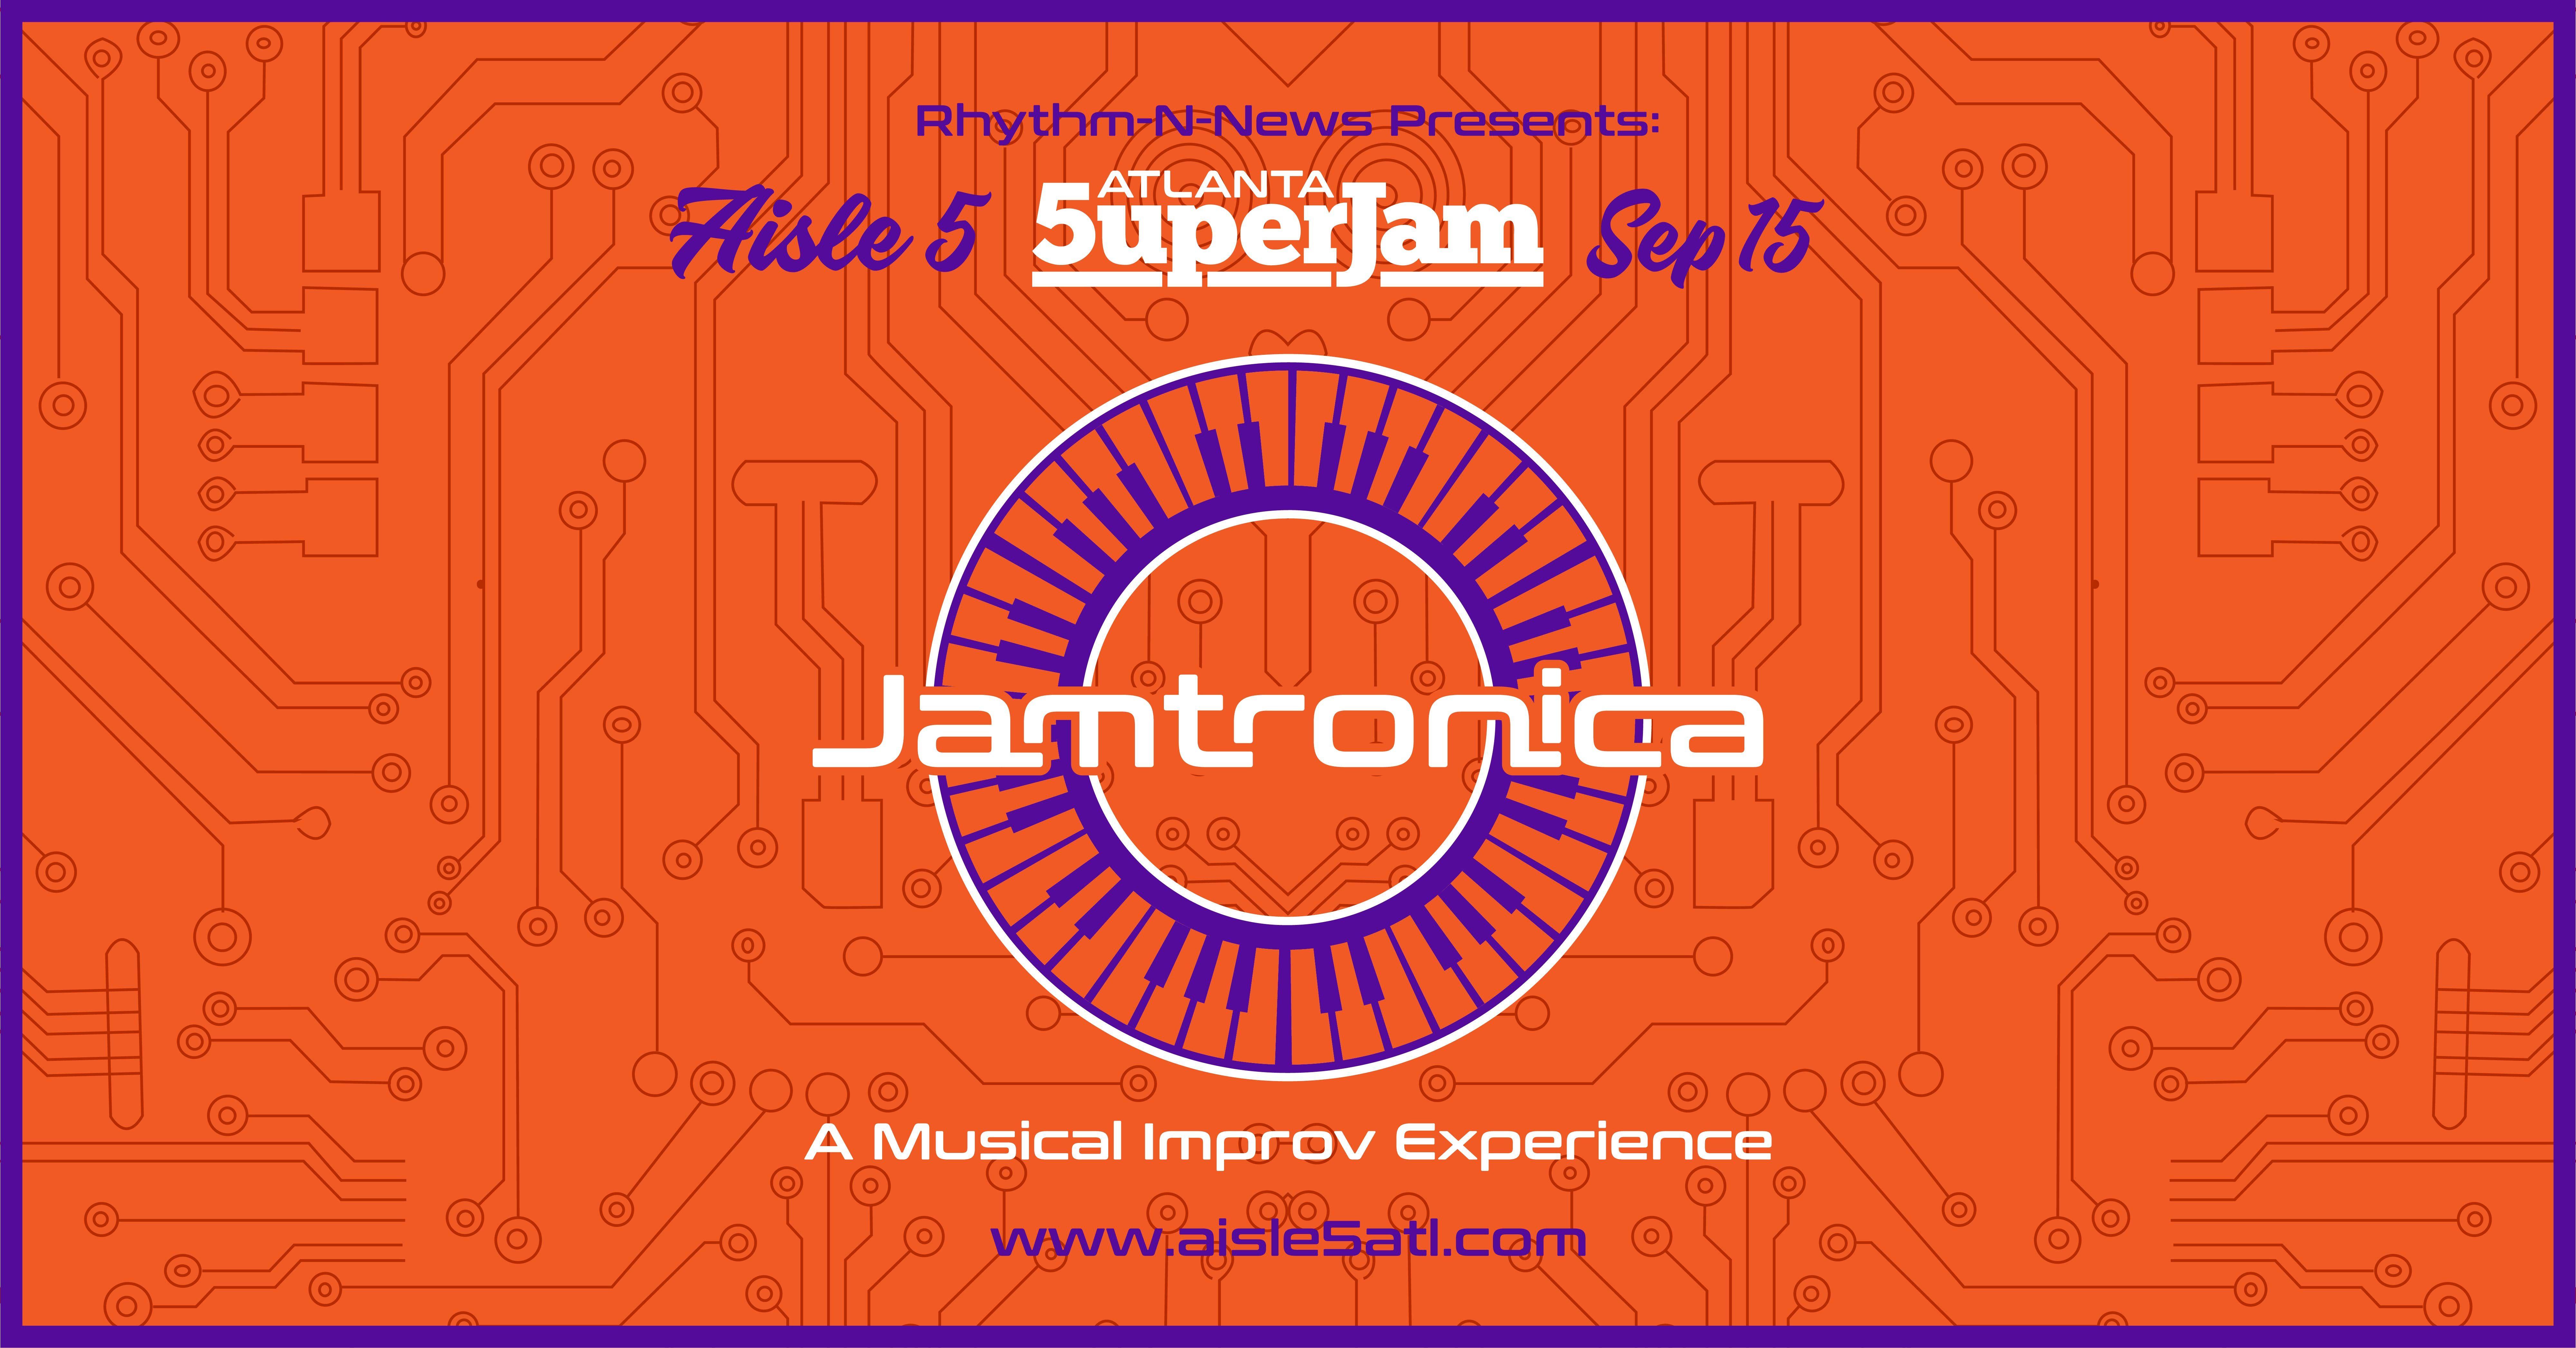 Atlanta SuperJam : Jamtronica 2021